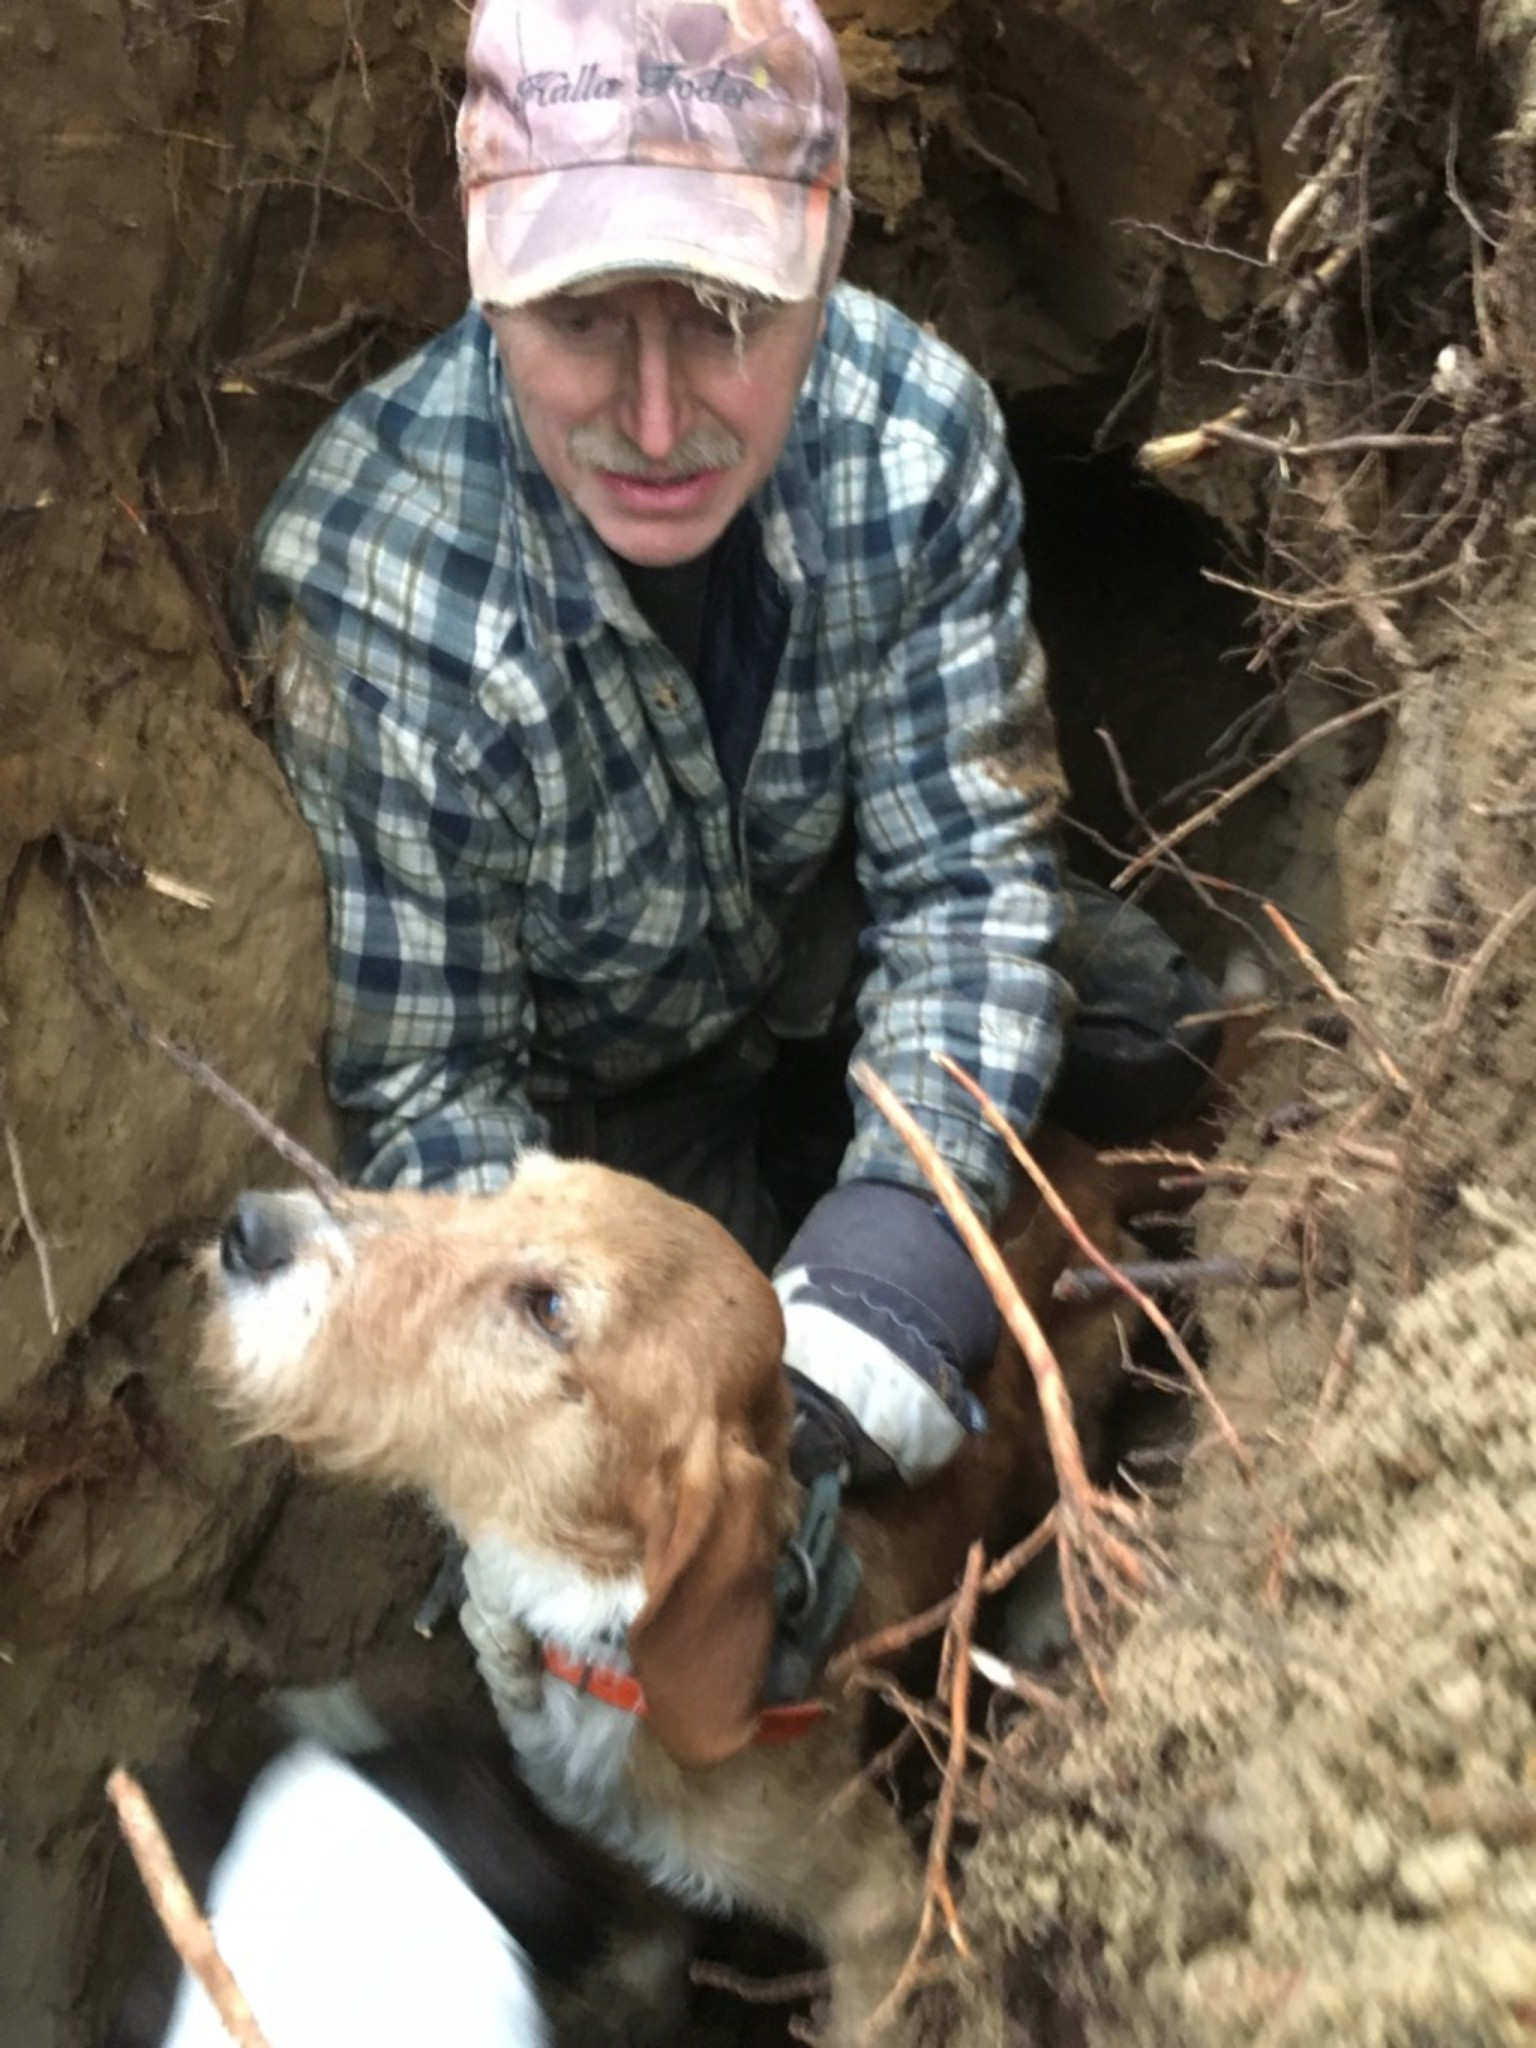 Tryggve Hellman hjälpte till att gräva fram blandrashunden Evert ur grytet där han skällt räv och grävling några dagar. Foto: Privat